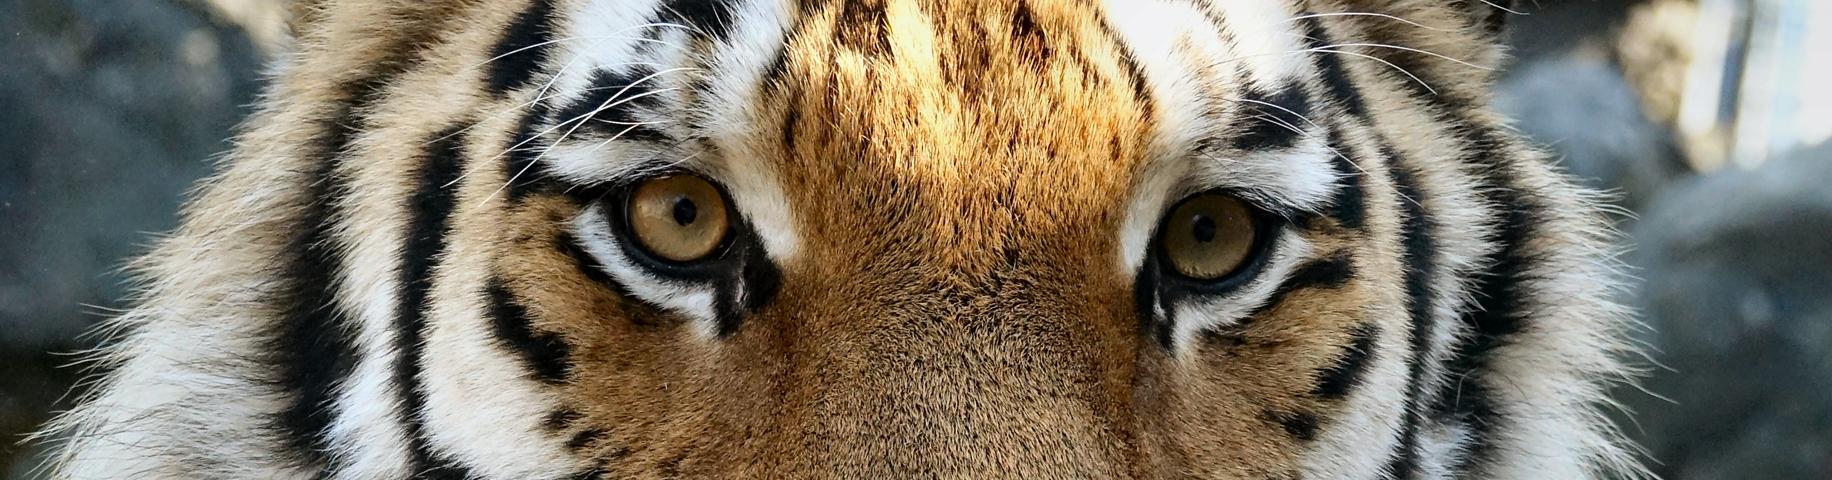 Tiger Diego im Wildkatzenzentrum Felidae